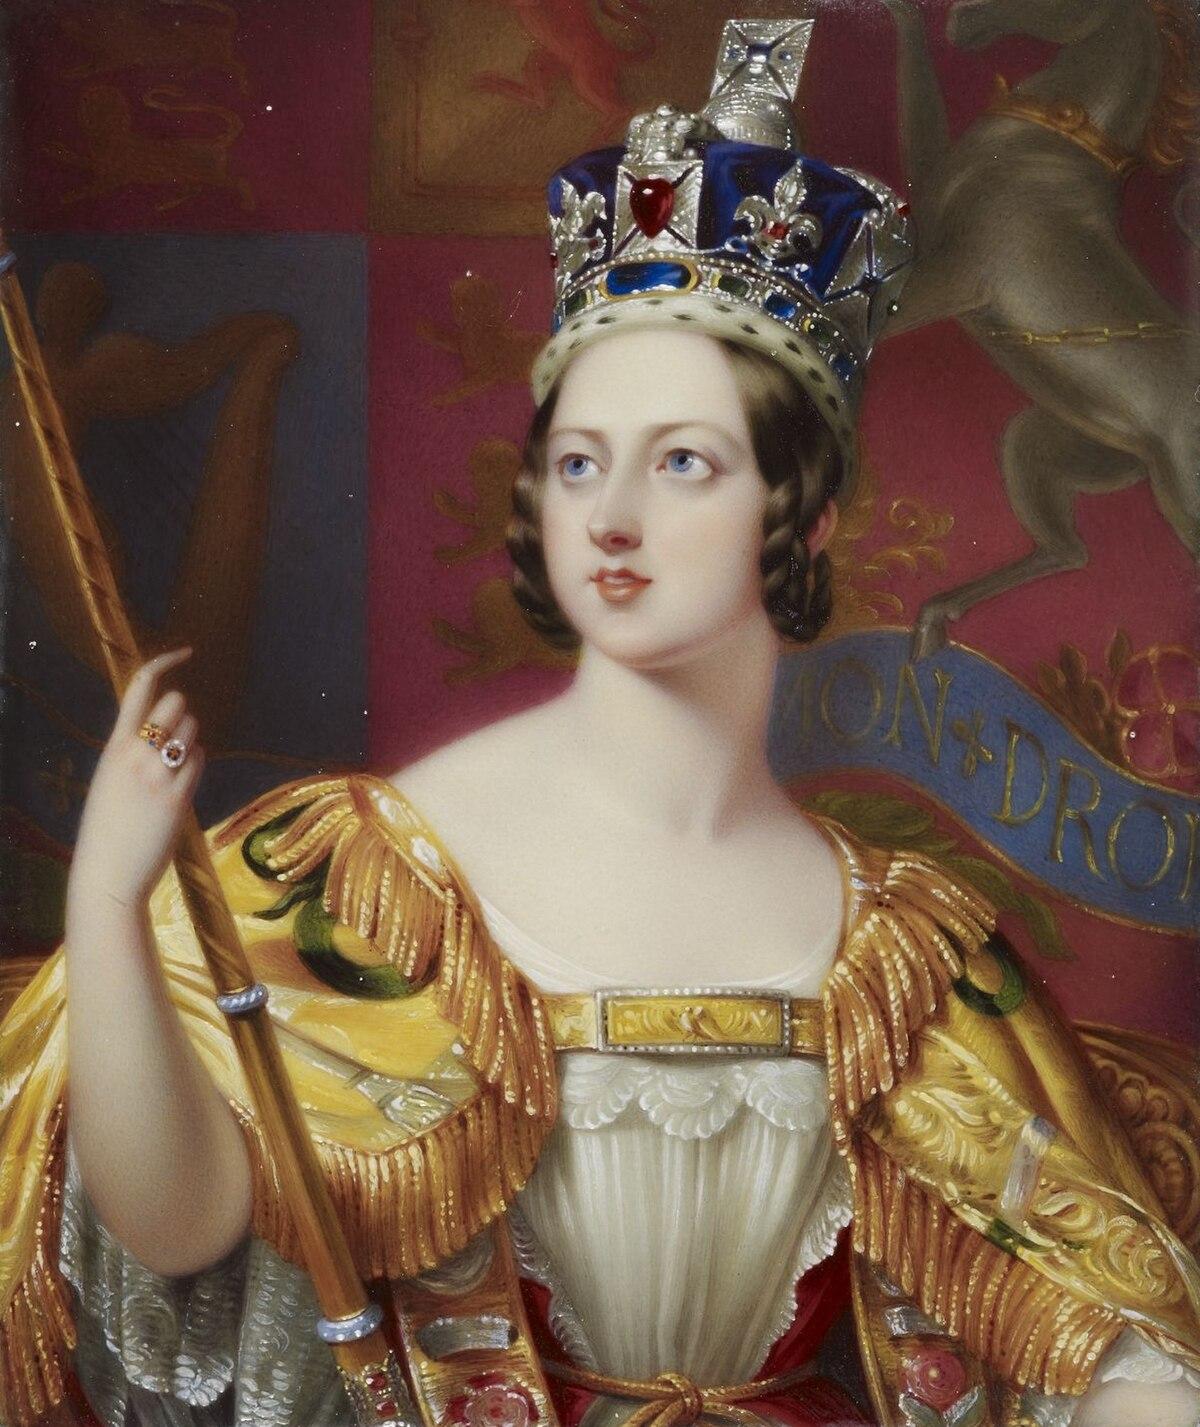 Incoronazione della regina Vittoria - Wikipedia